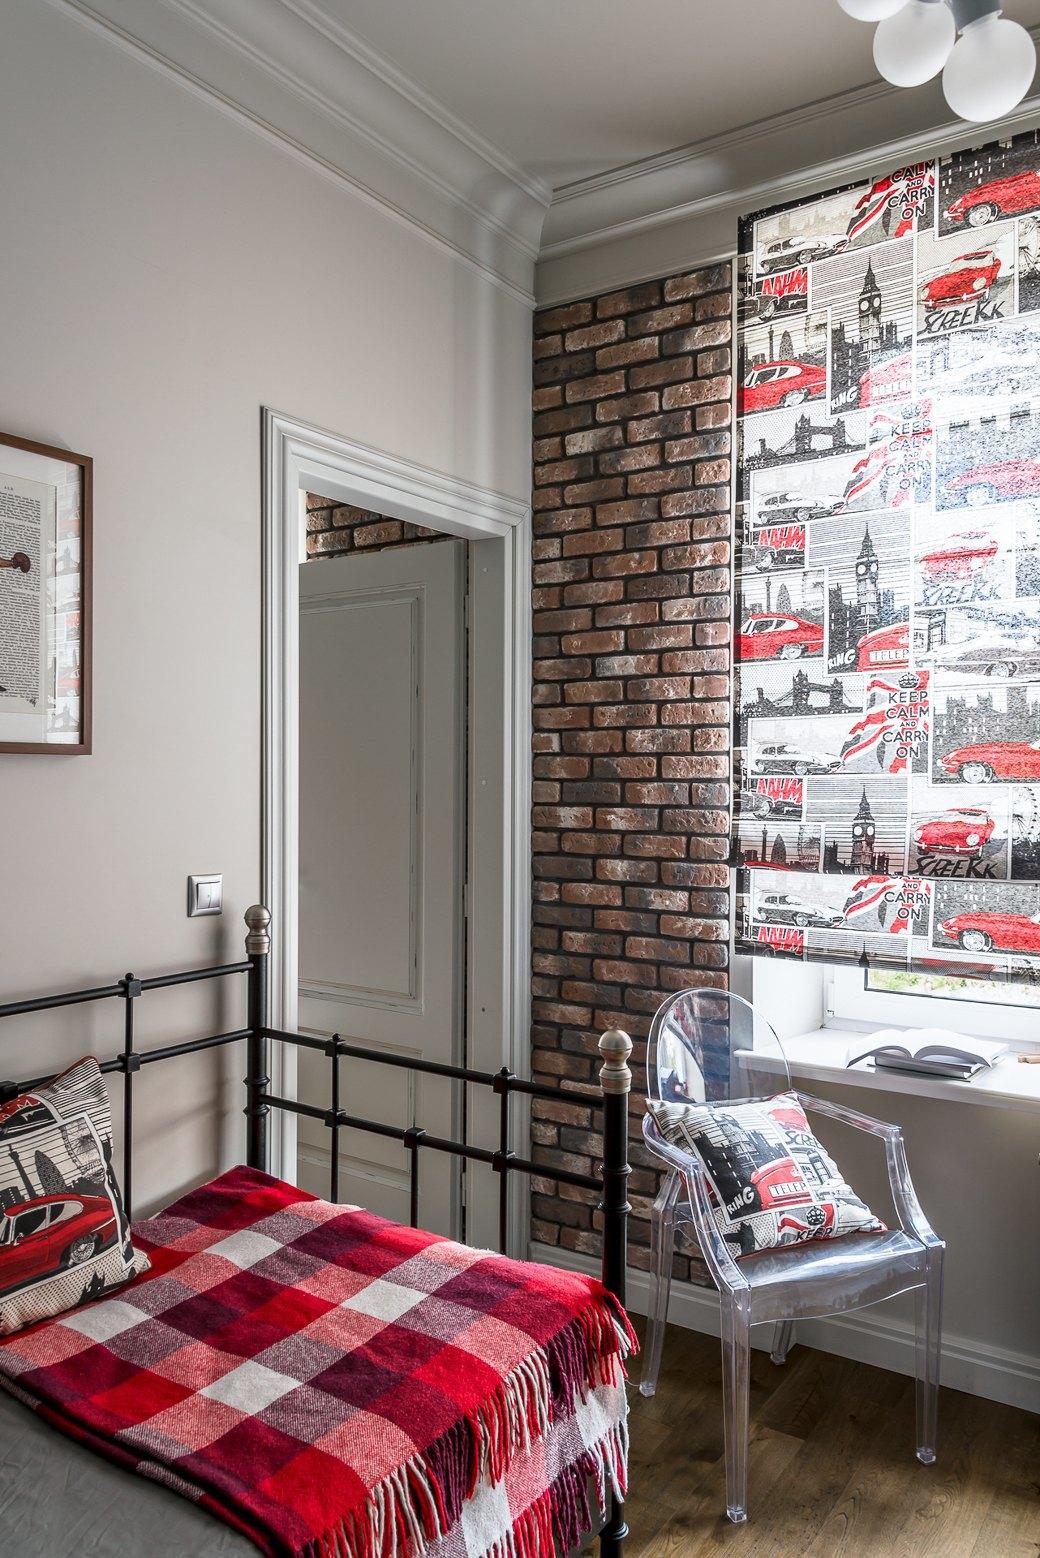 Квартира для молодой семьи скомиксом «Хранители» на стенах. Изображение № 14.